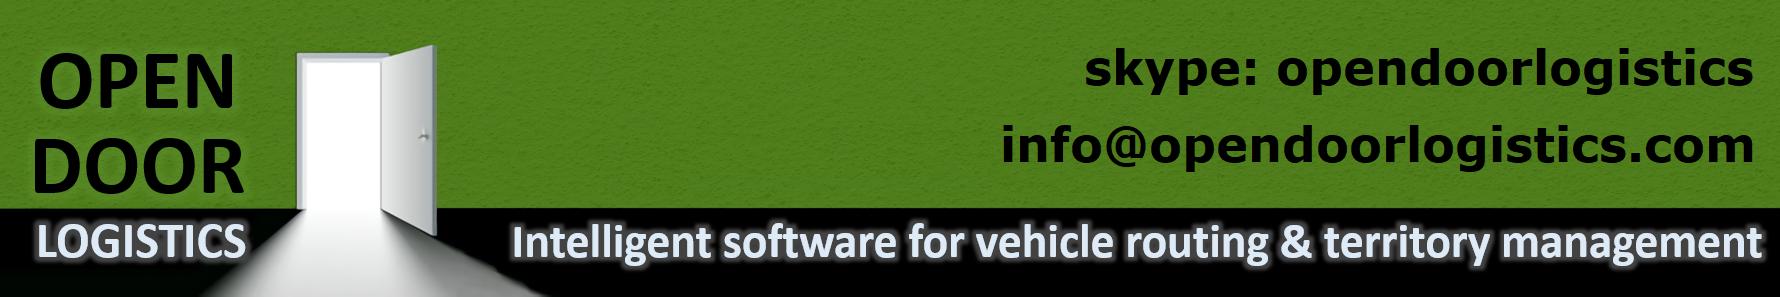 Open Door Logistics - Intelligent software for vehicle